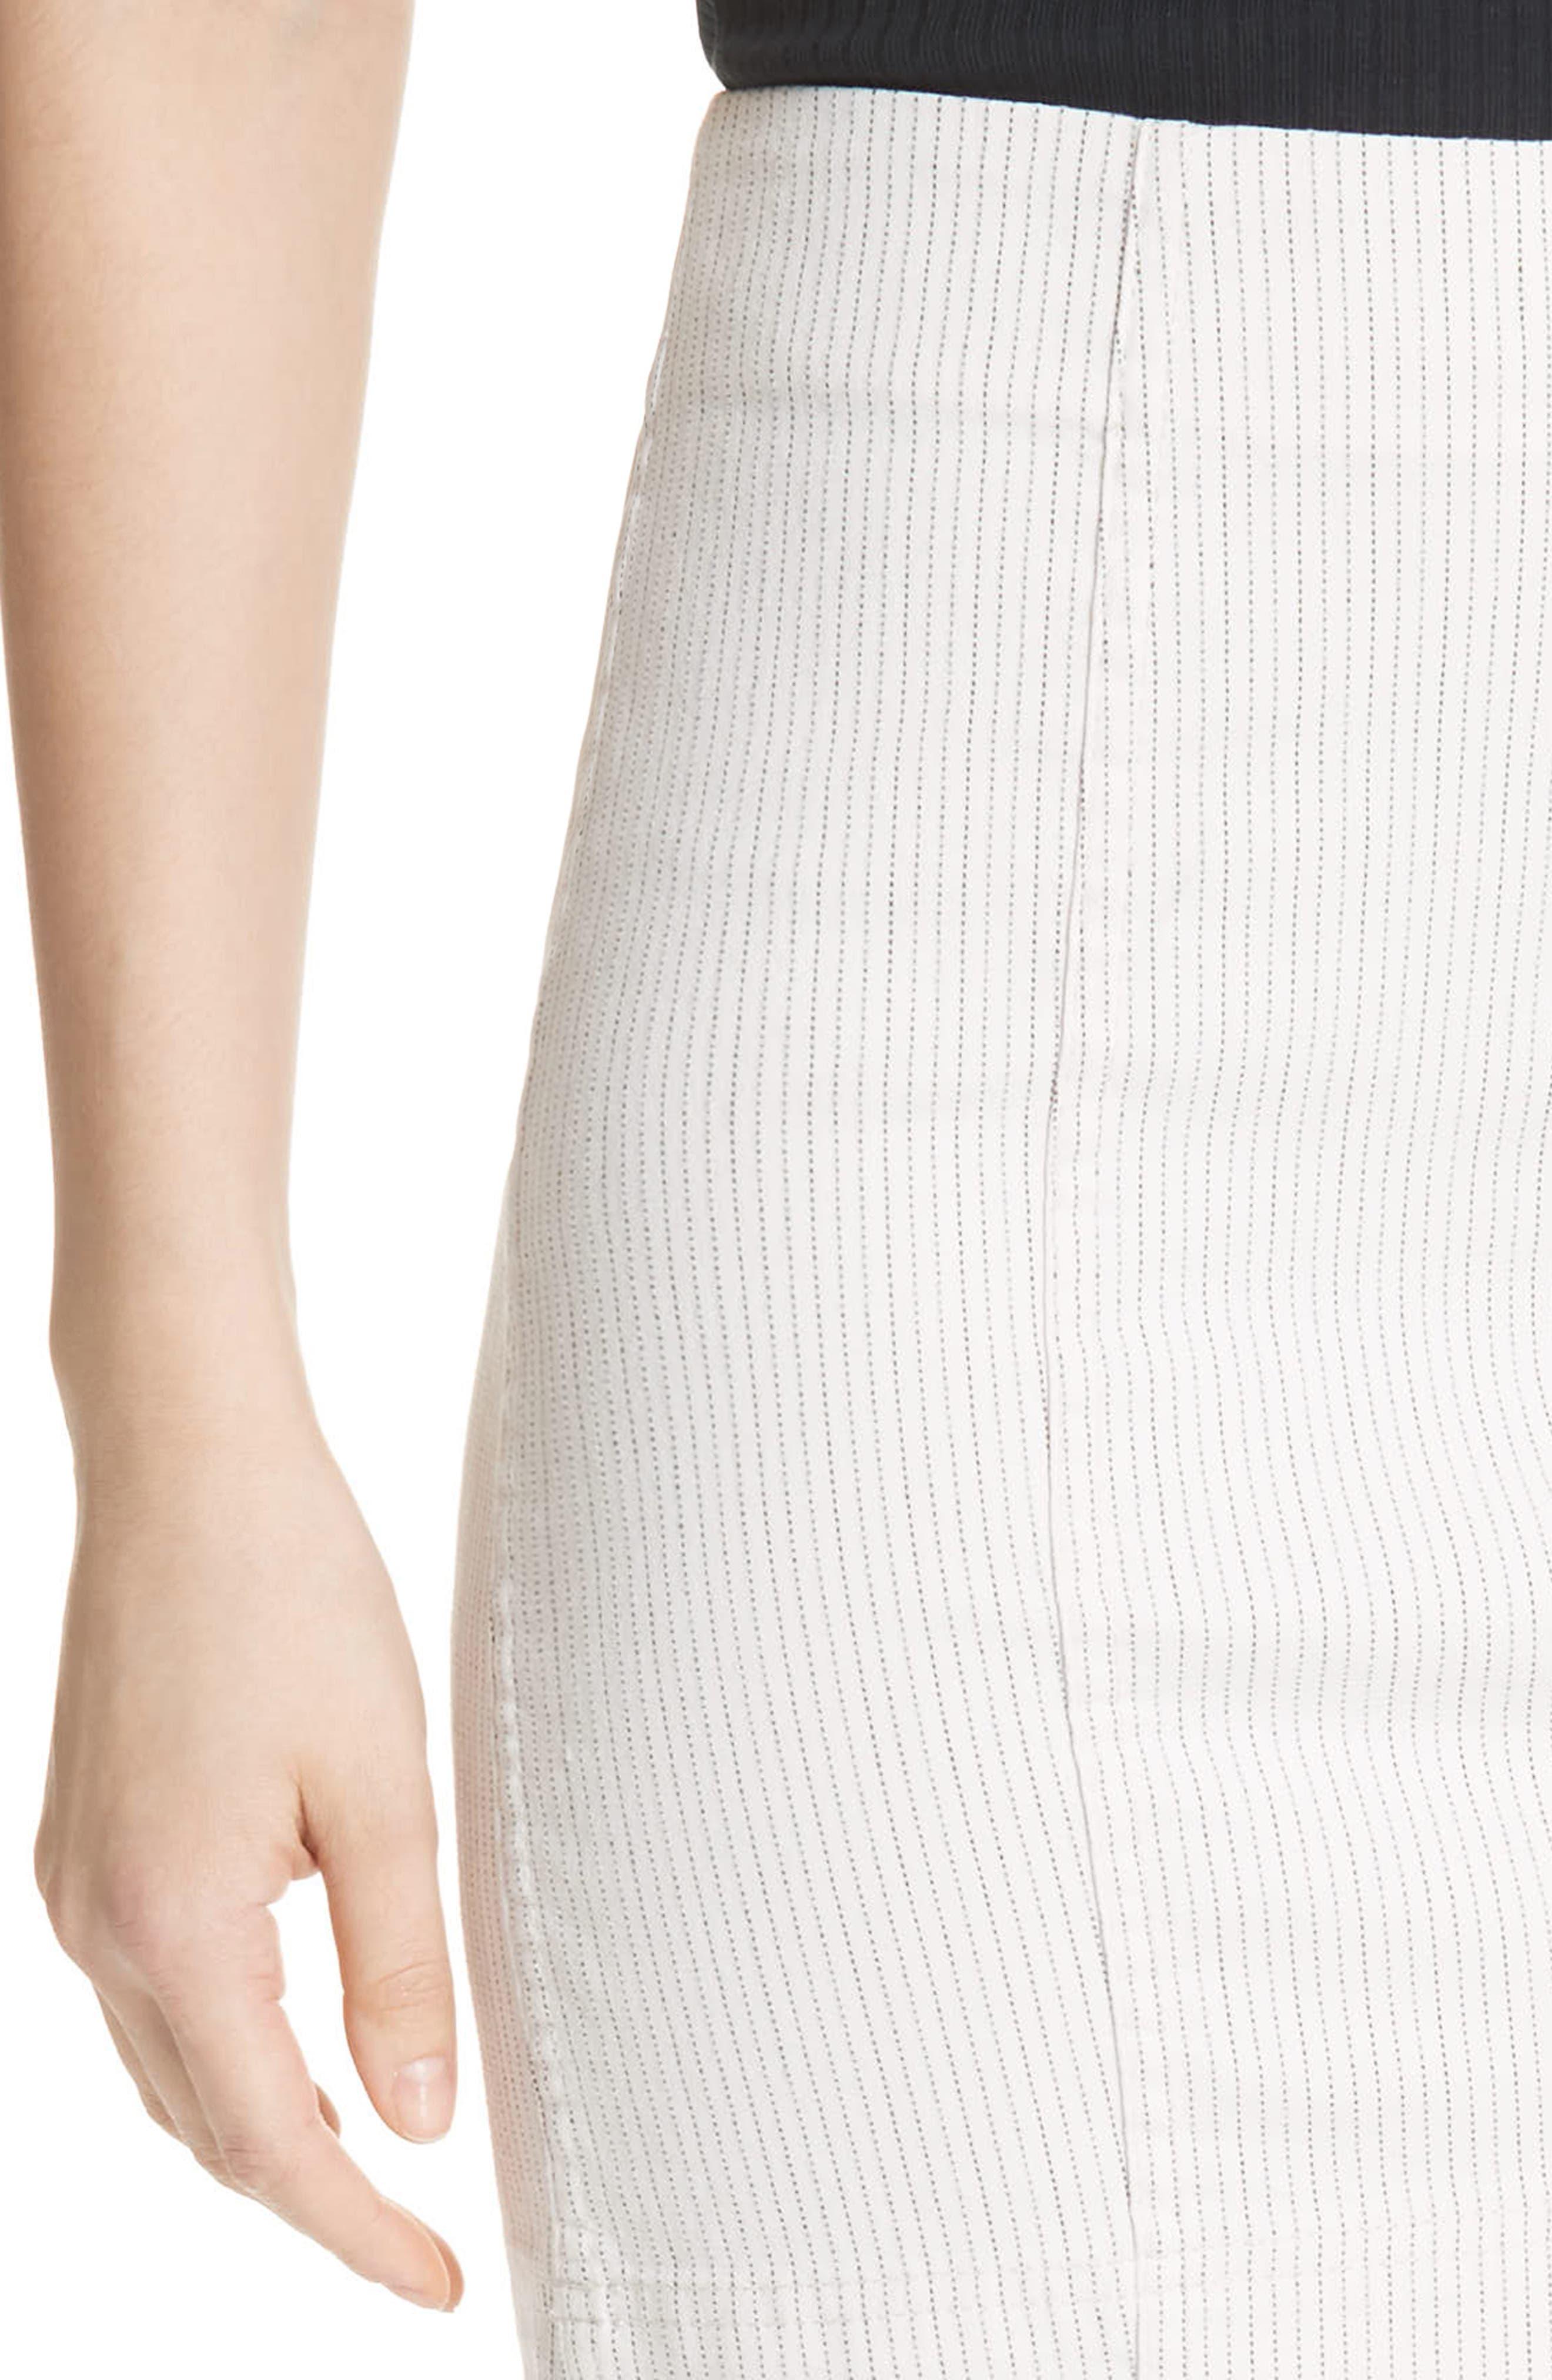 Modern Femme Pinstripe Skirt,                             Alternate thumbnail 4, color,                             Black And White Combo